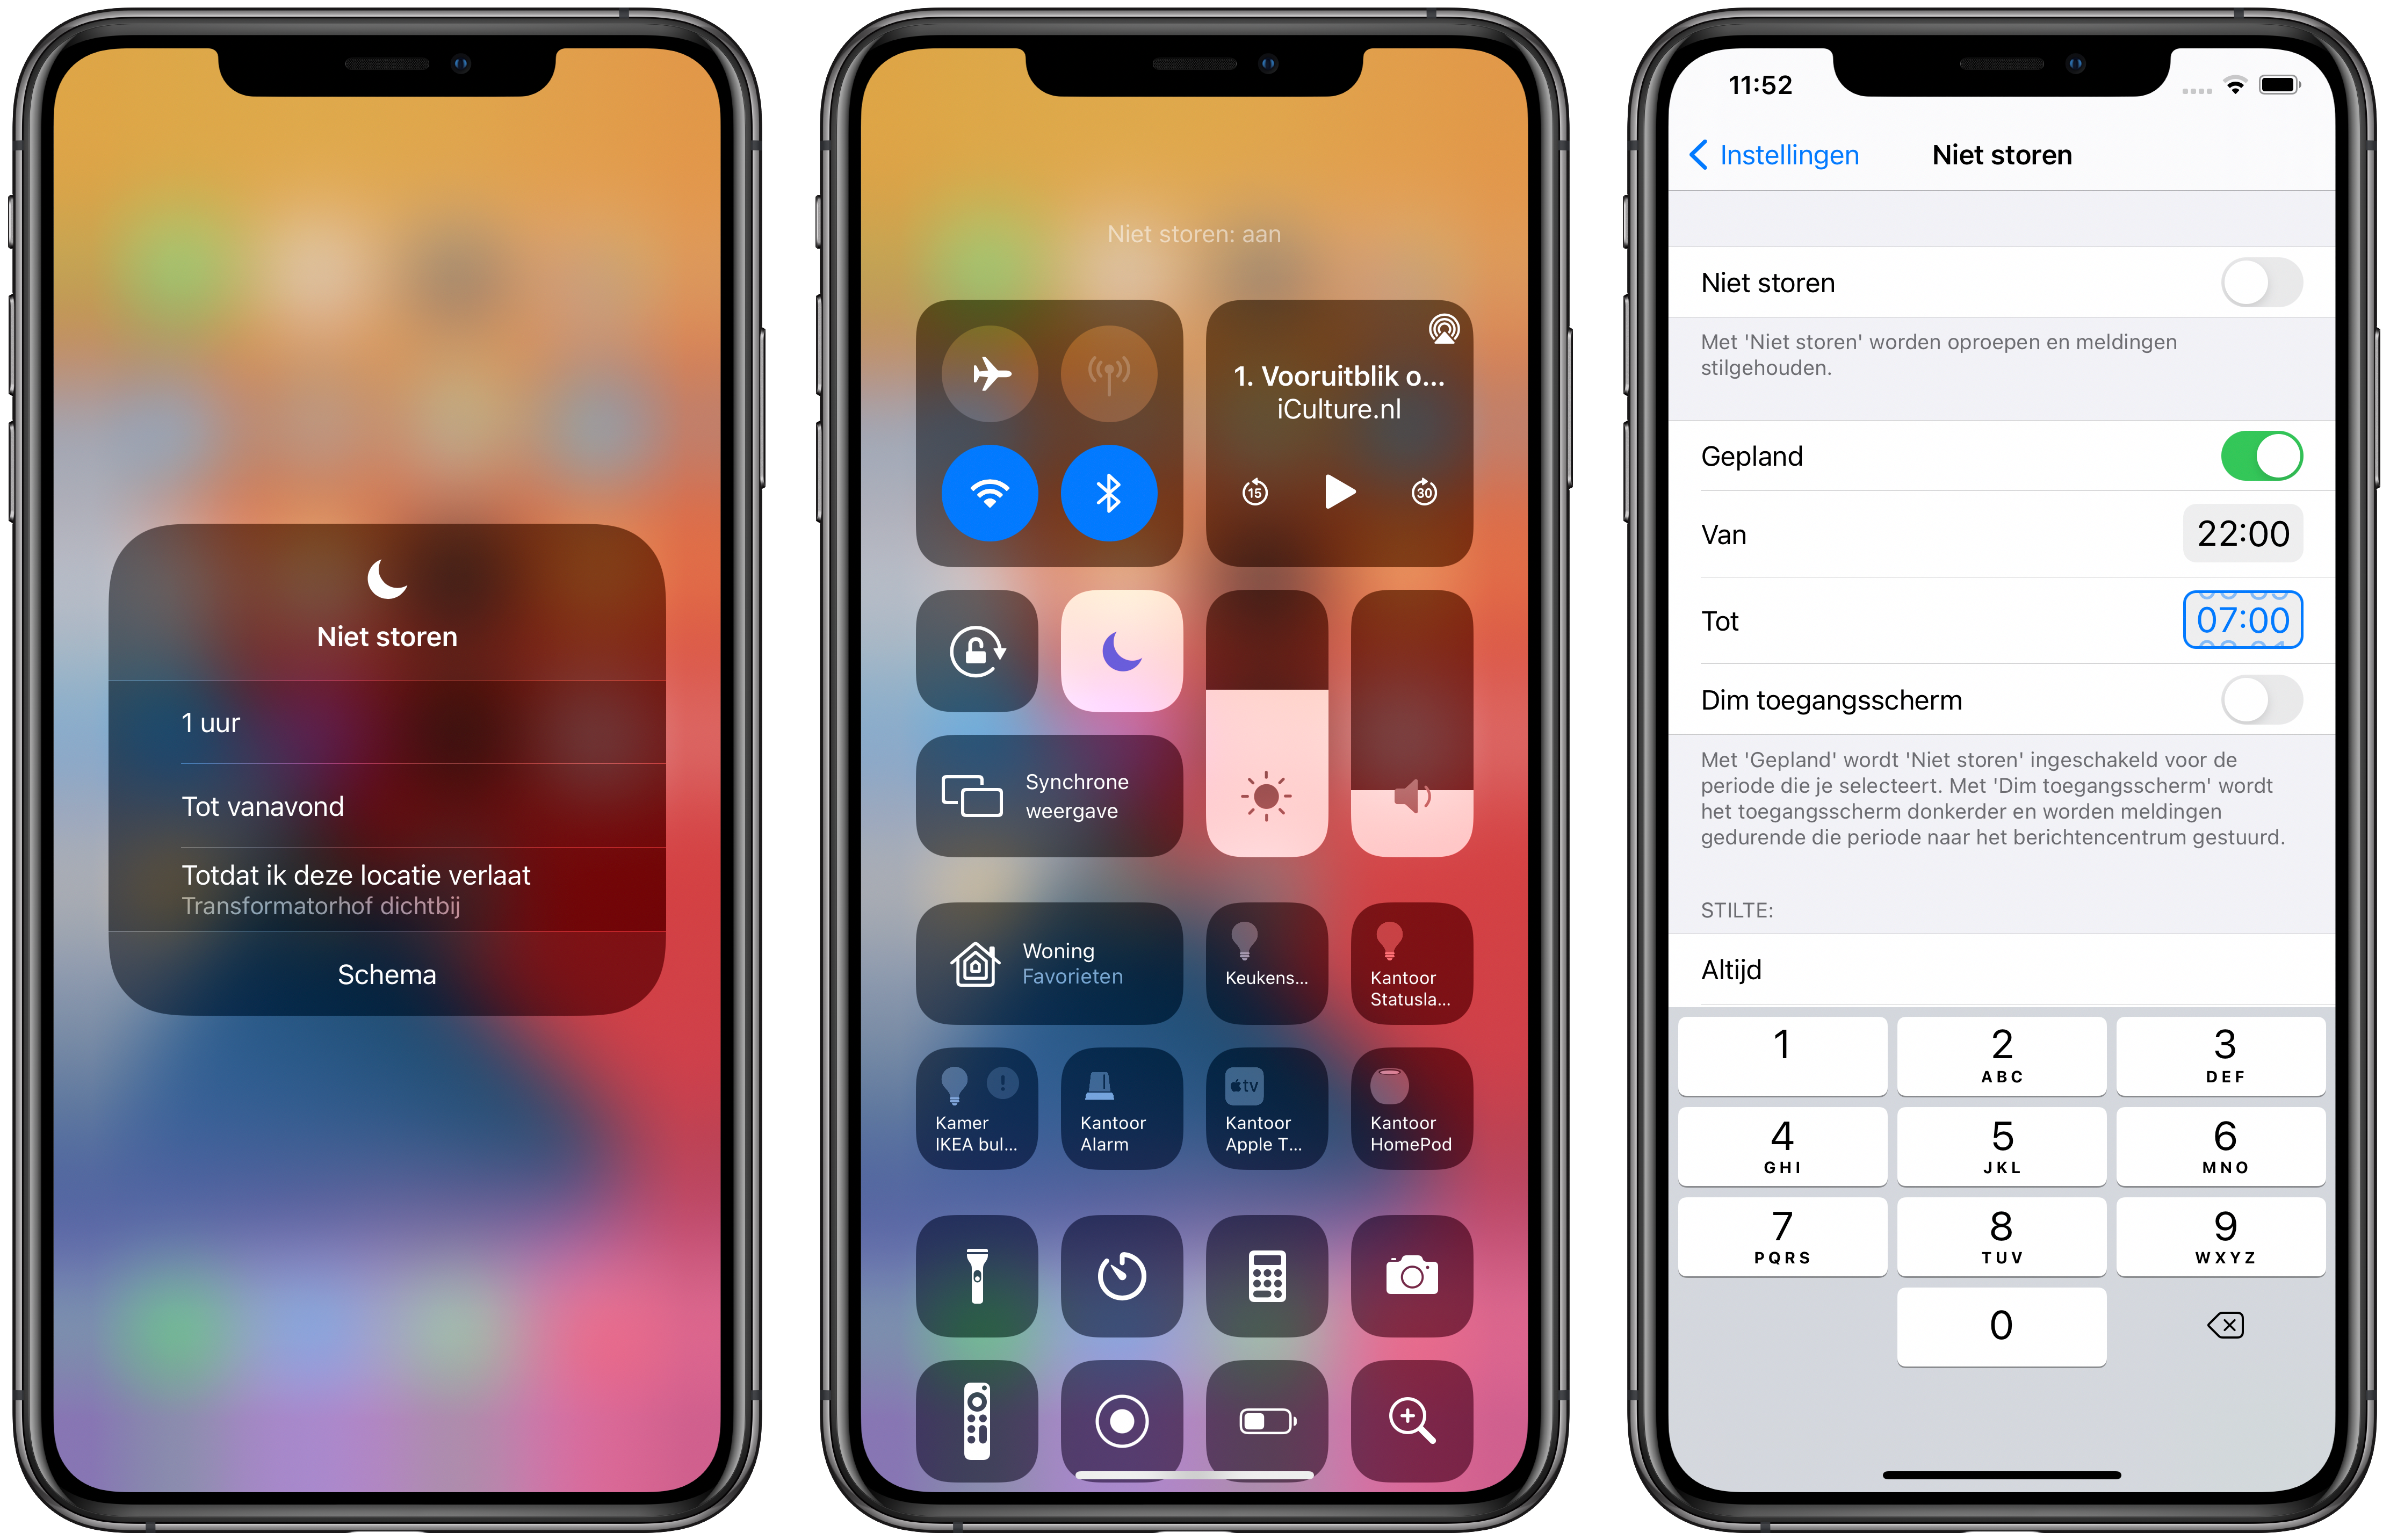 iphone-niet-storen-bedieningspaneel-schema